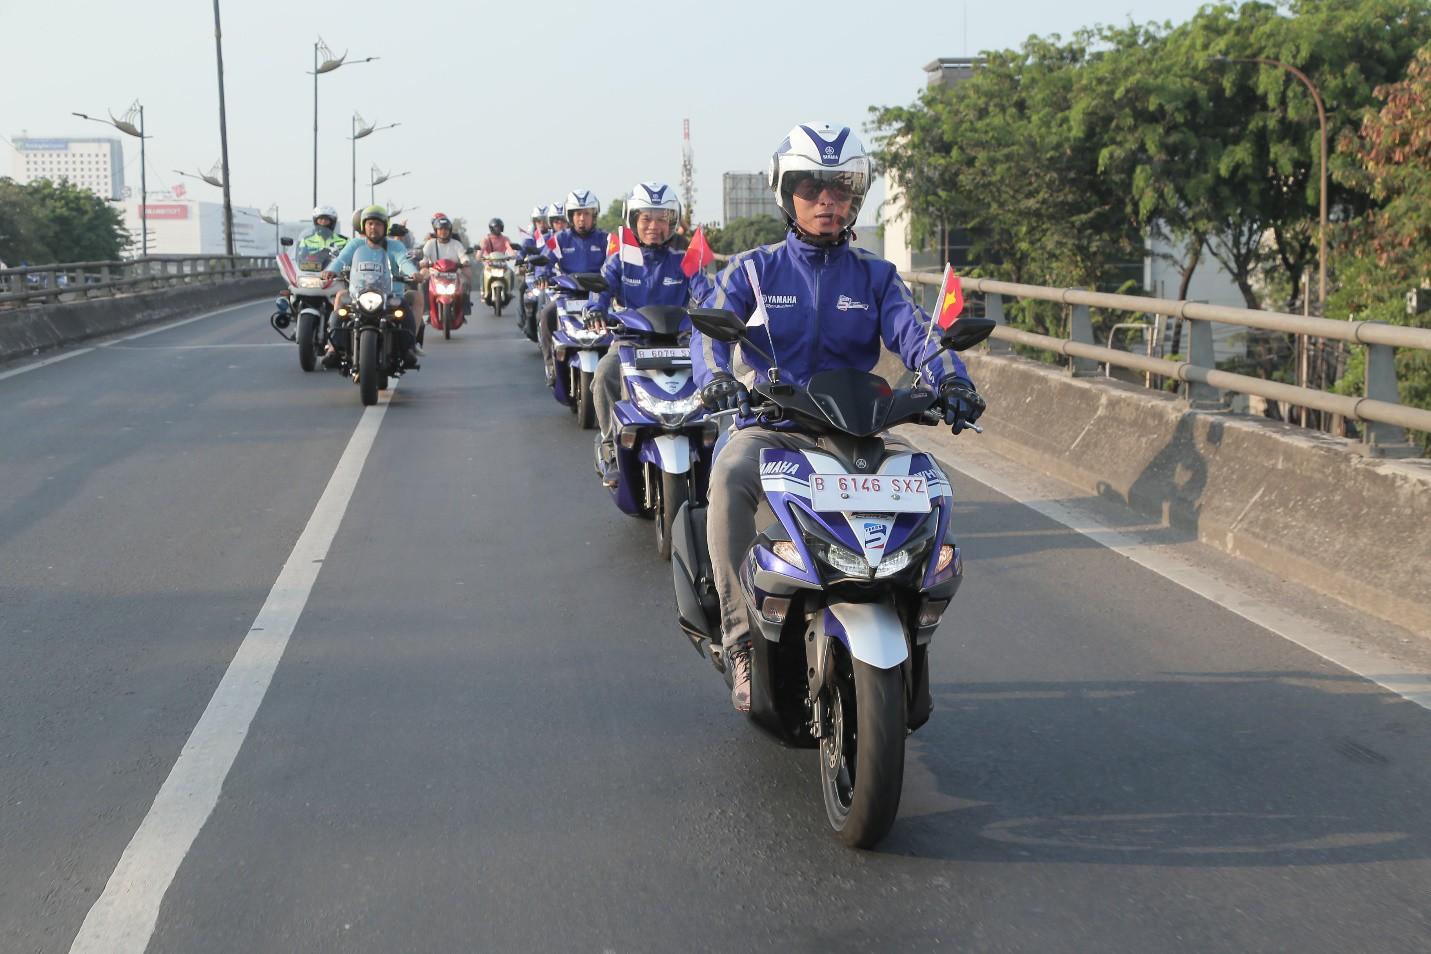 Trải nghiệm động cơ Yamaha Blue Core trên xứ sở vạn đảo Indonesia - Ảnh 1.